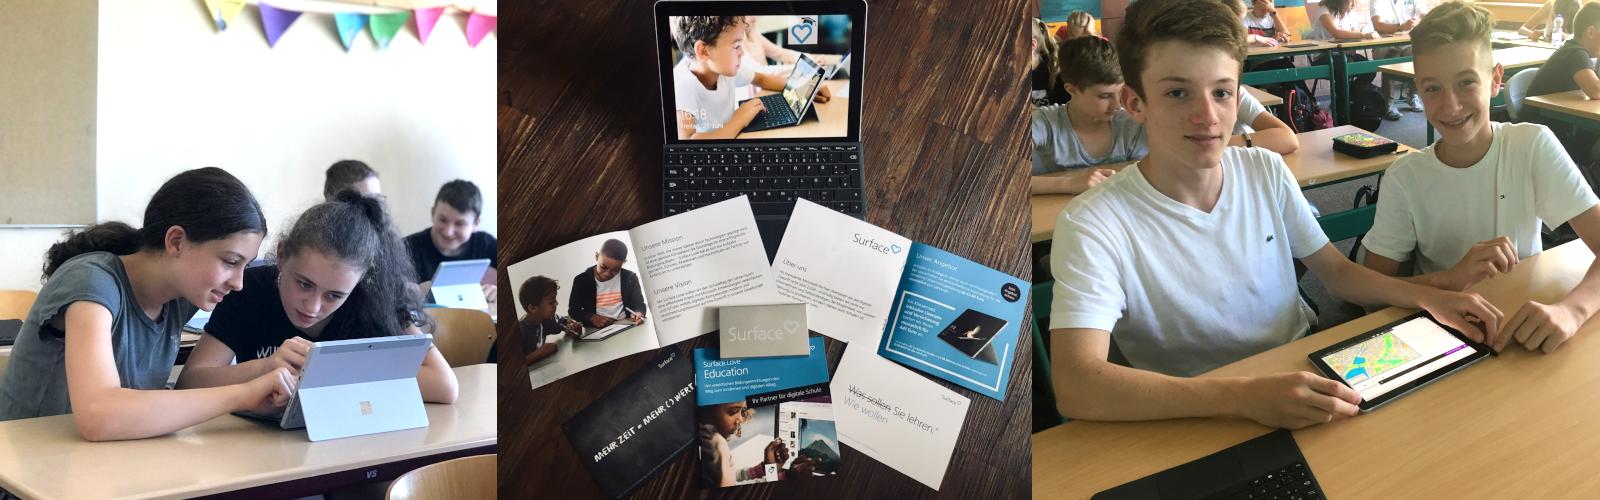 Drei Aufnahmen zeigen Marketing-Material und Eindrücke aus den Klassenzimmern, wie Lernende das Surface Go testen